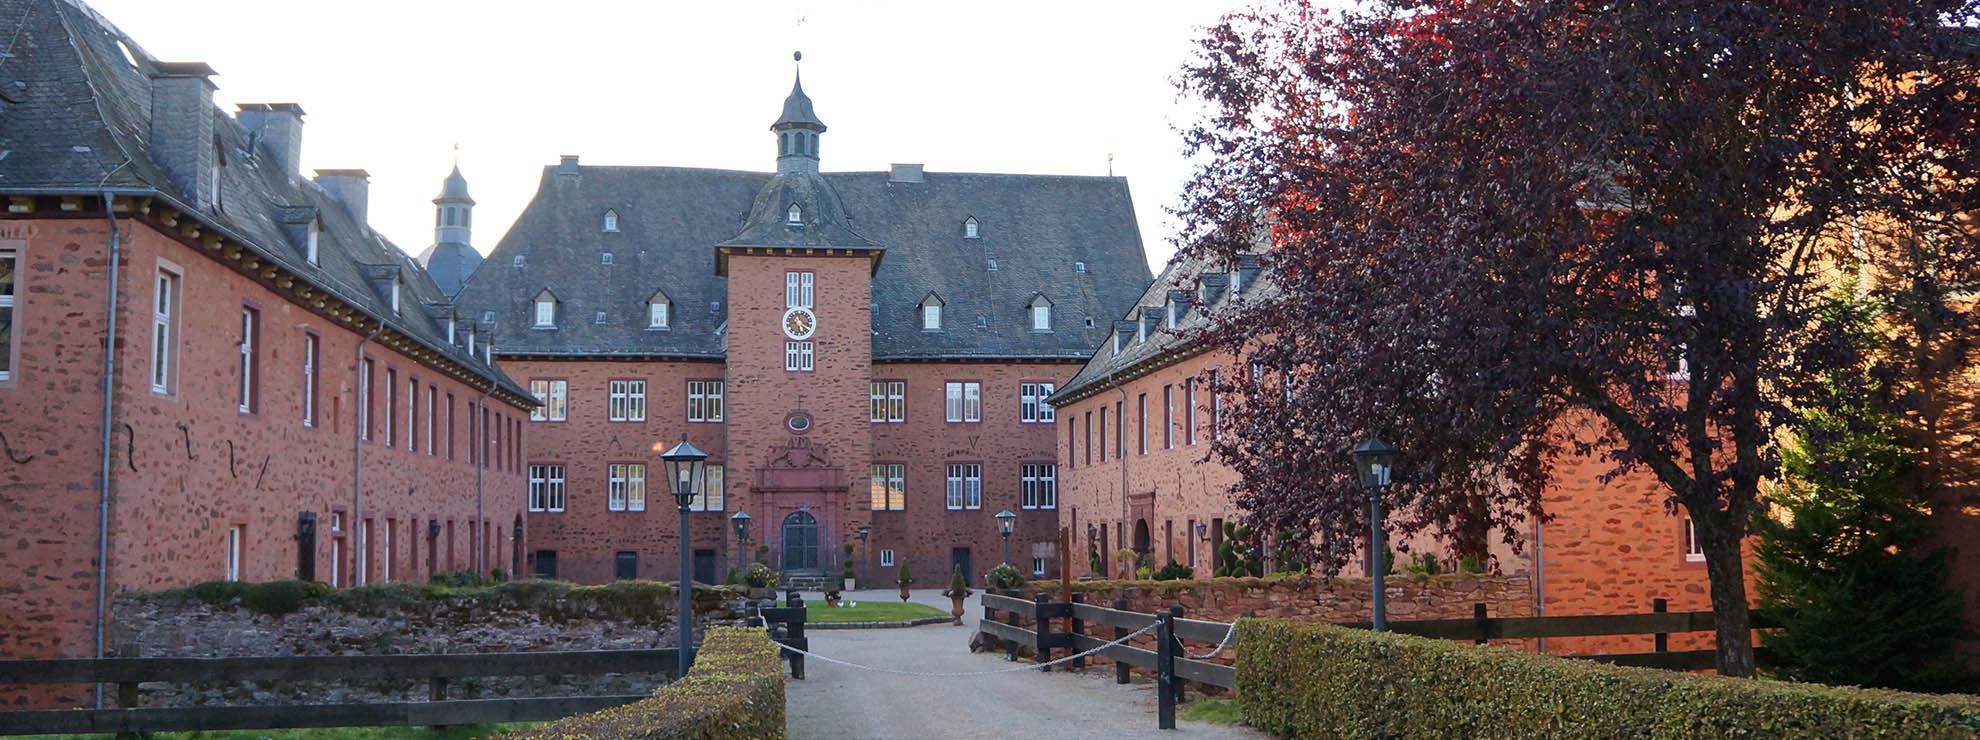 Unser 3-Sterne Hotel im Sauerland ist ideal für den Wanderurlaub geeignet, die Adolfsburg erreicht man in 10min zu Fuß